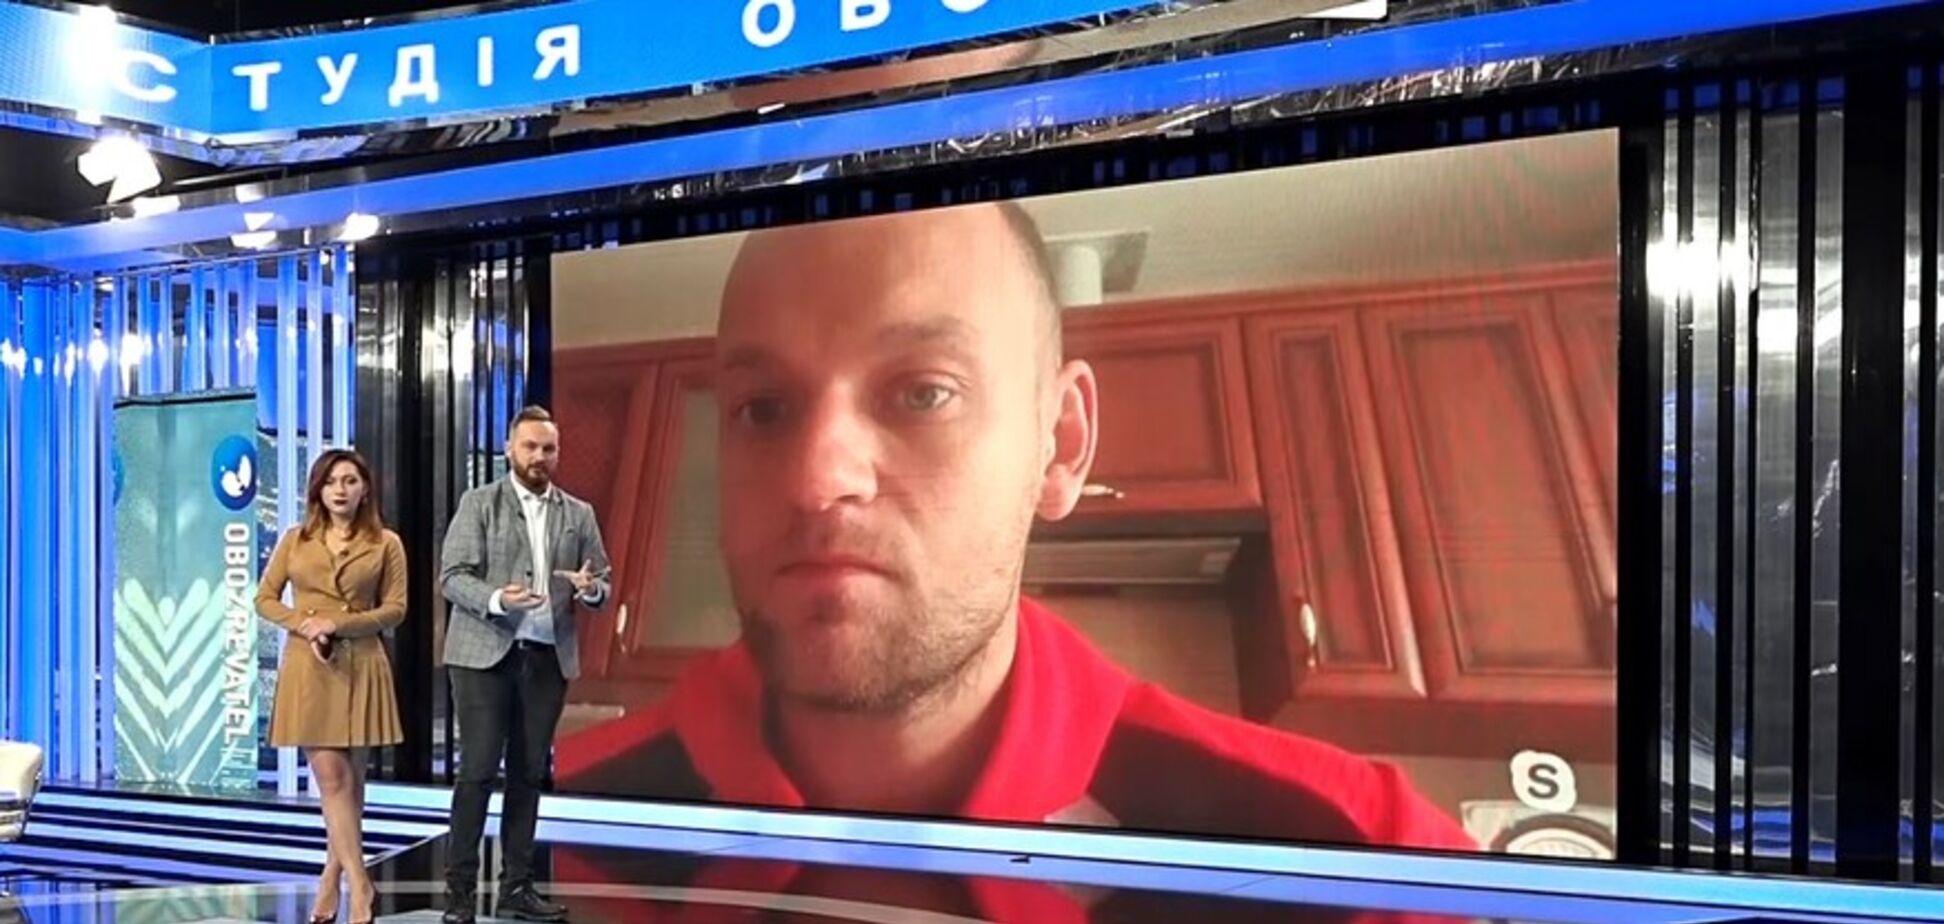 Заява на звільнення голови Київської ОДА: коментарі експерта